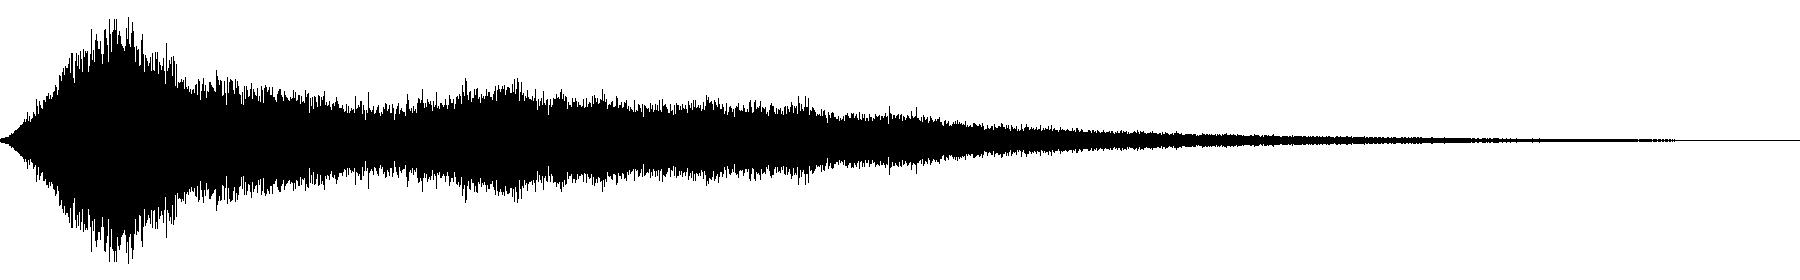 vfx1 atmos 25